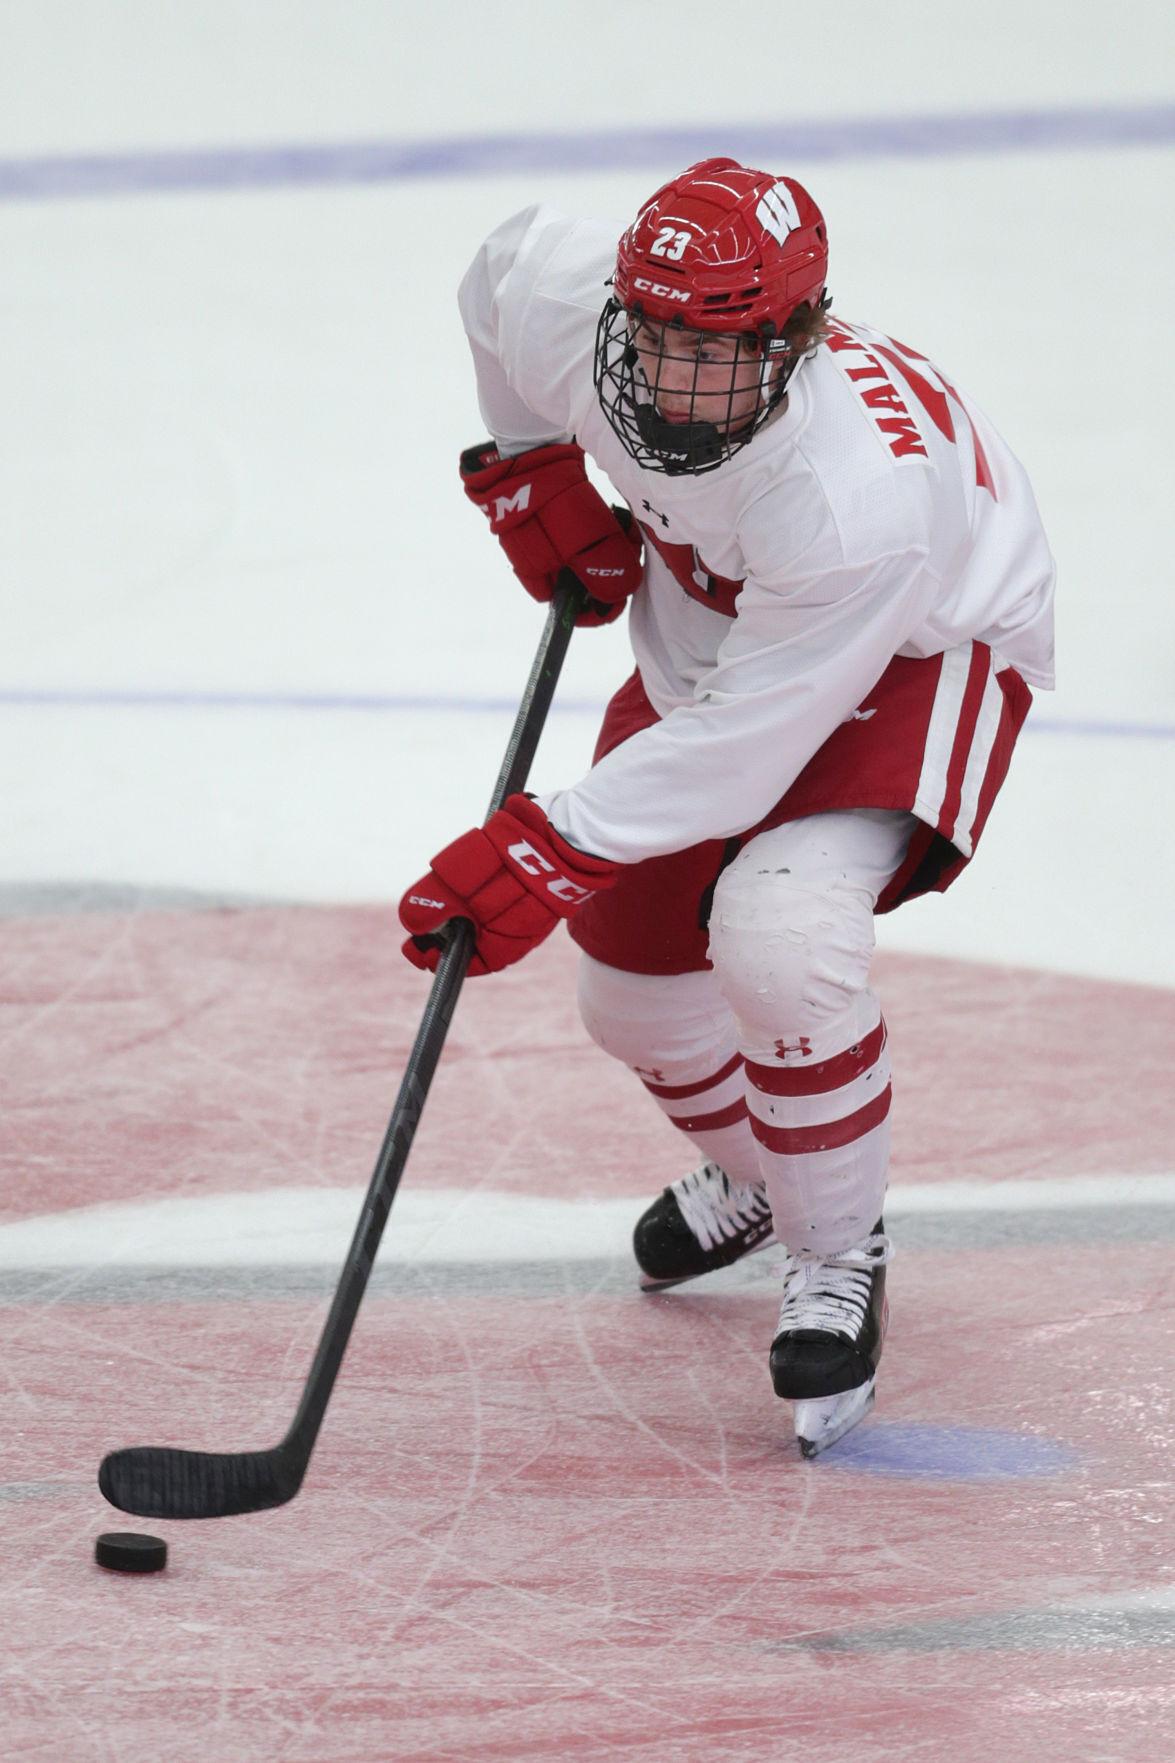 hockey jump photo